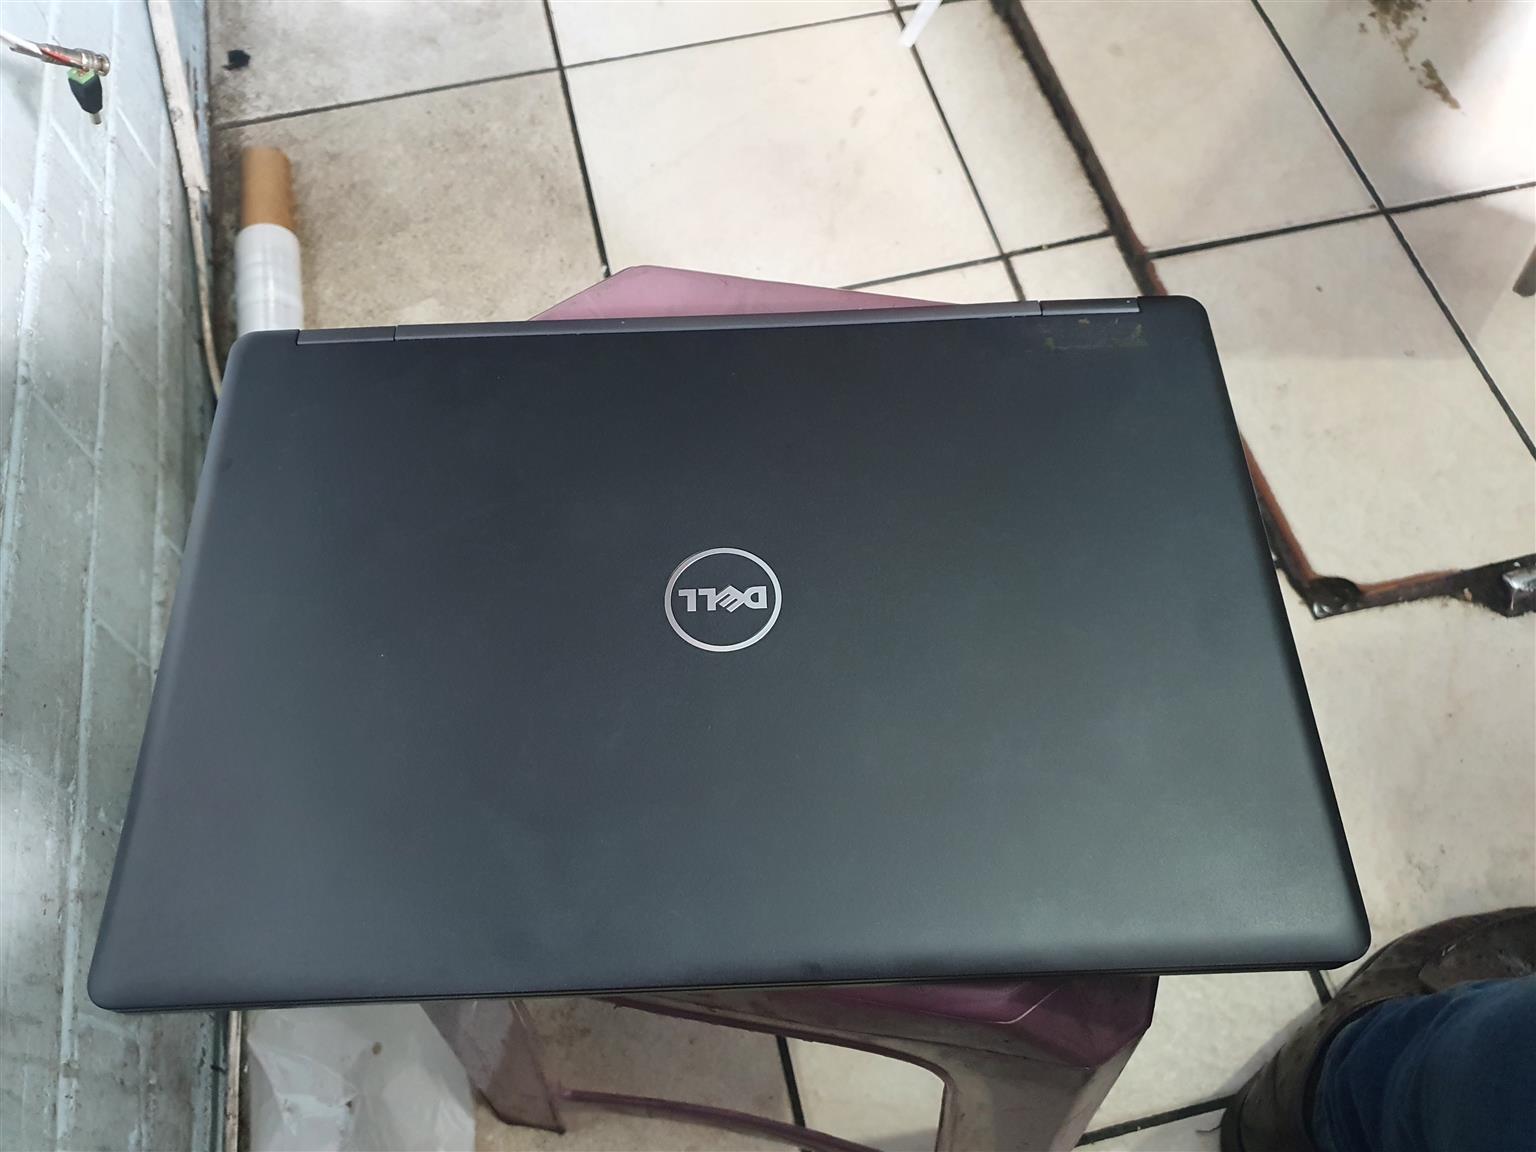 Dell Latitude E5470 i5 6th gen 256ssd 8GB 14inch